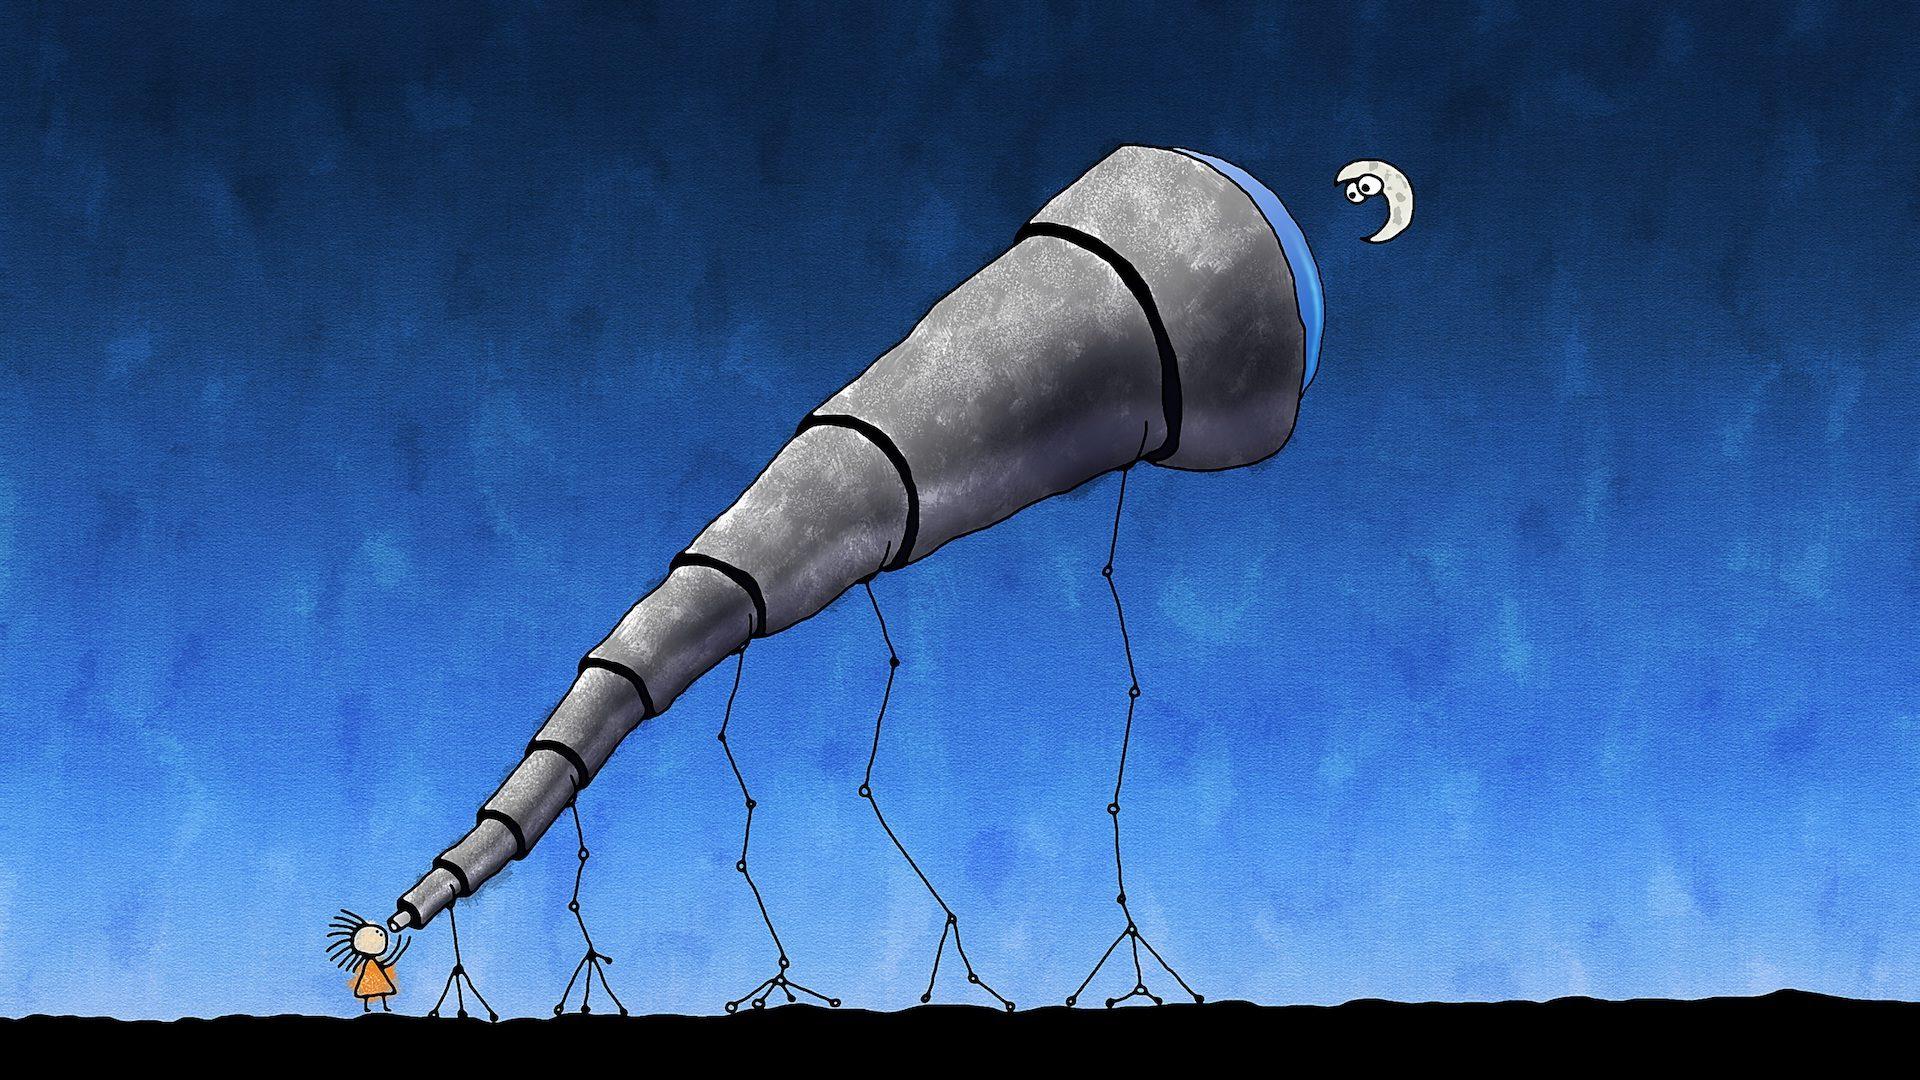 τηλεσκόπιο, μαριονέτα, Φεγγάρι, σχέδιο, νύχτα - Wallpapers HD - Professor-falken.com